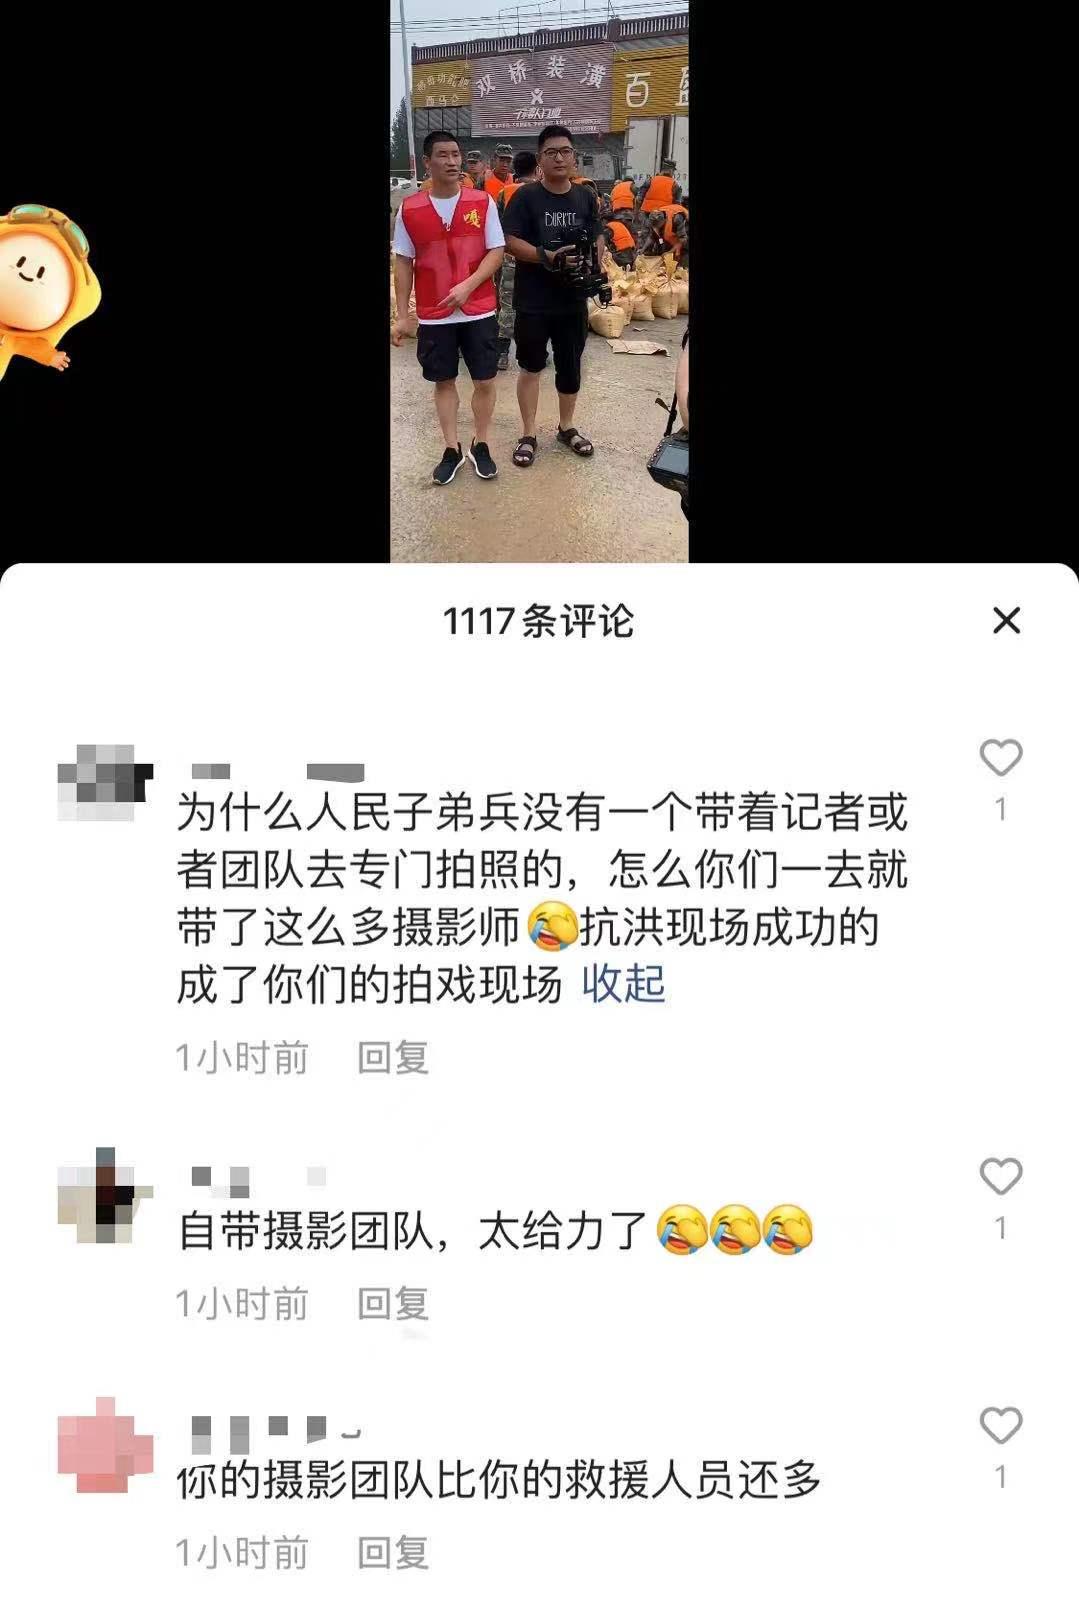 """快手红人""""张二嫂""""""""嘎子谢孟伟""""被曝蹭灾情流量,救援队呼吁为救援让路"""